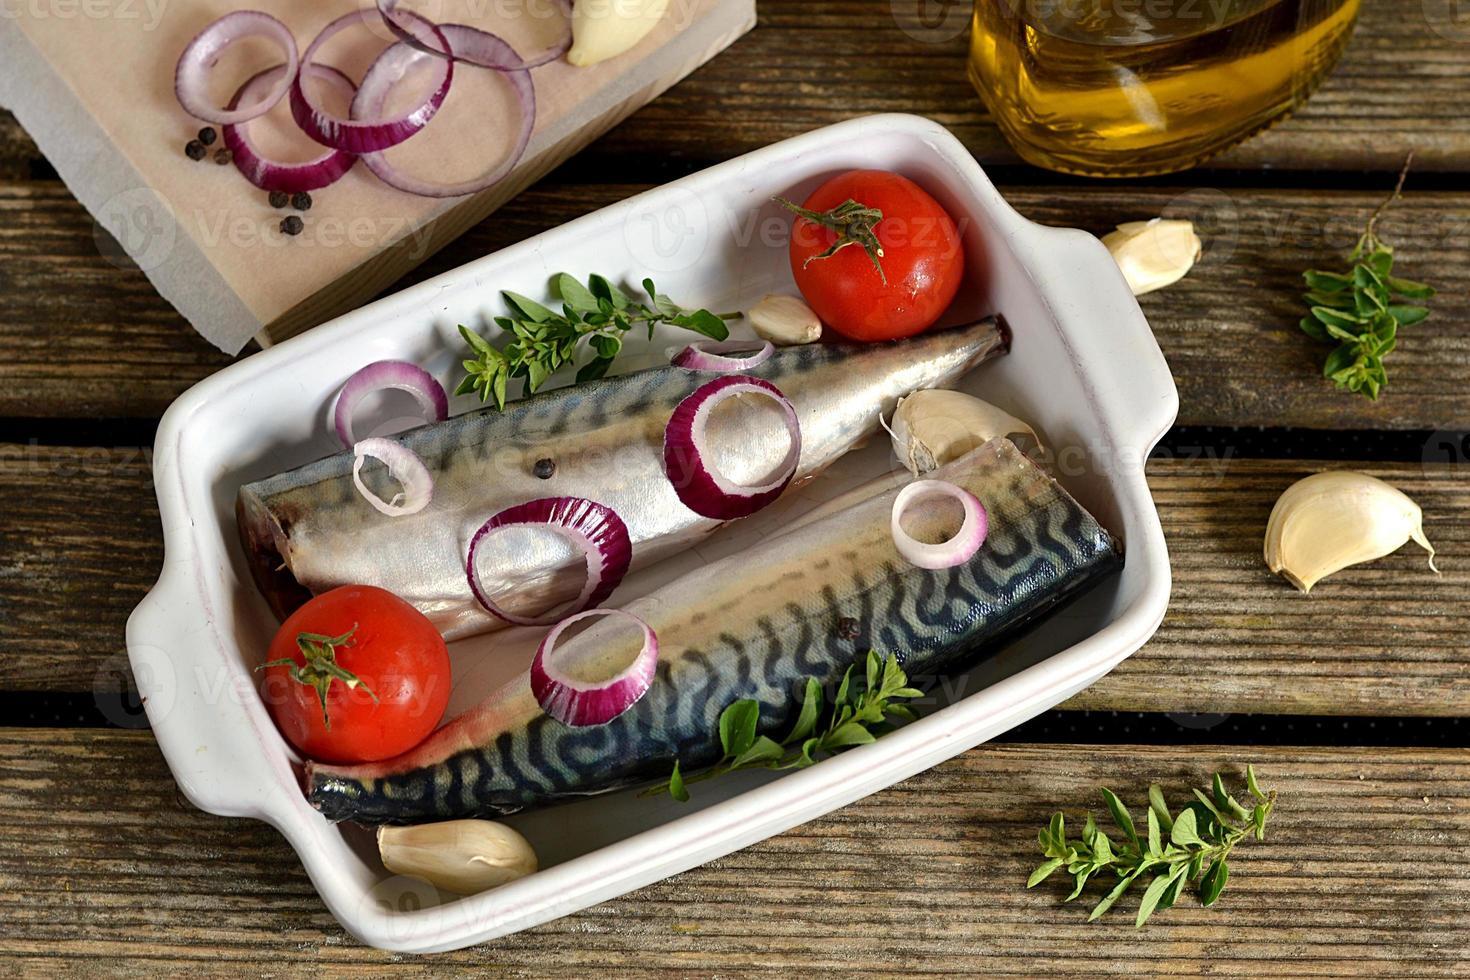 maquereau de poisson frais aux épices, herbes, légumes photo